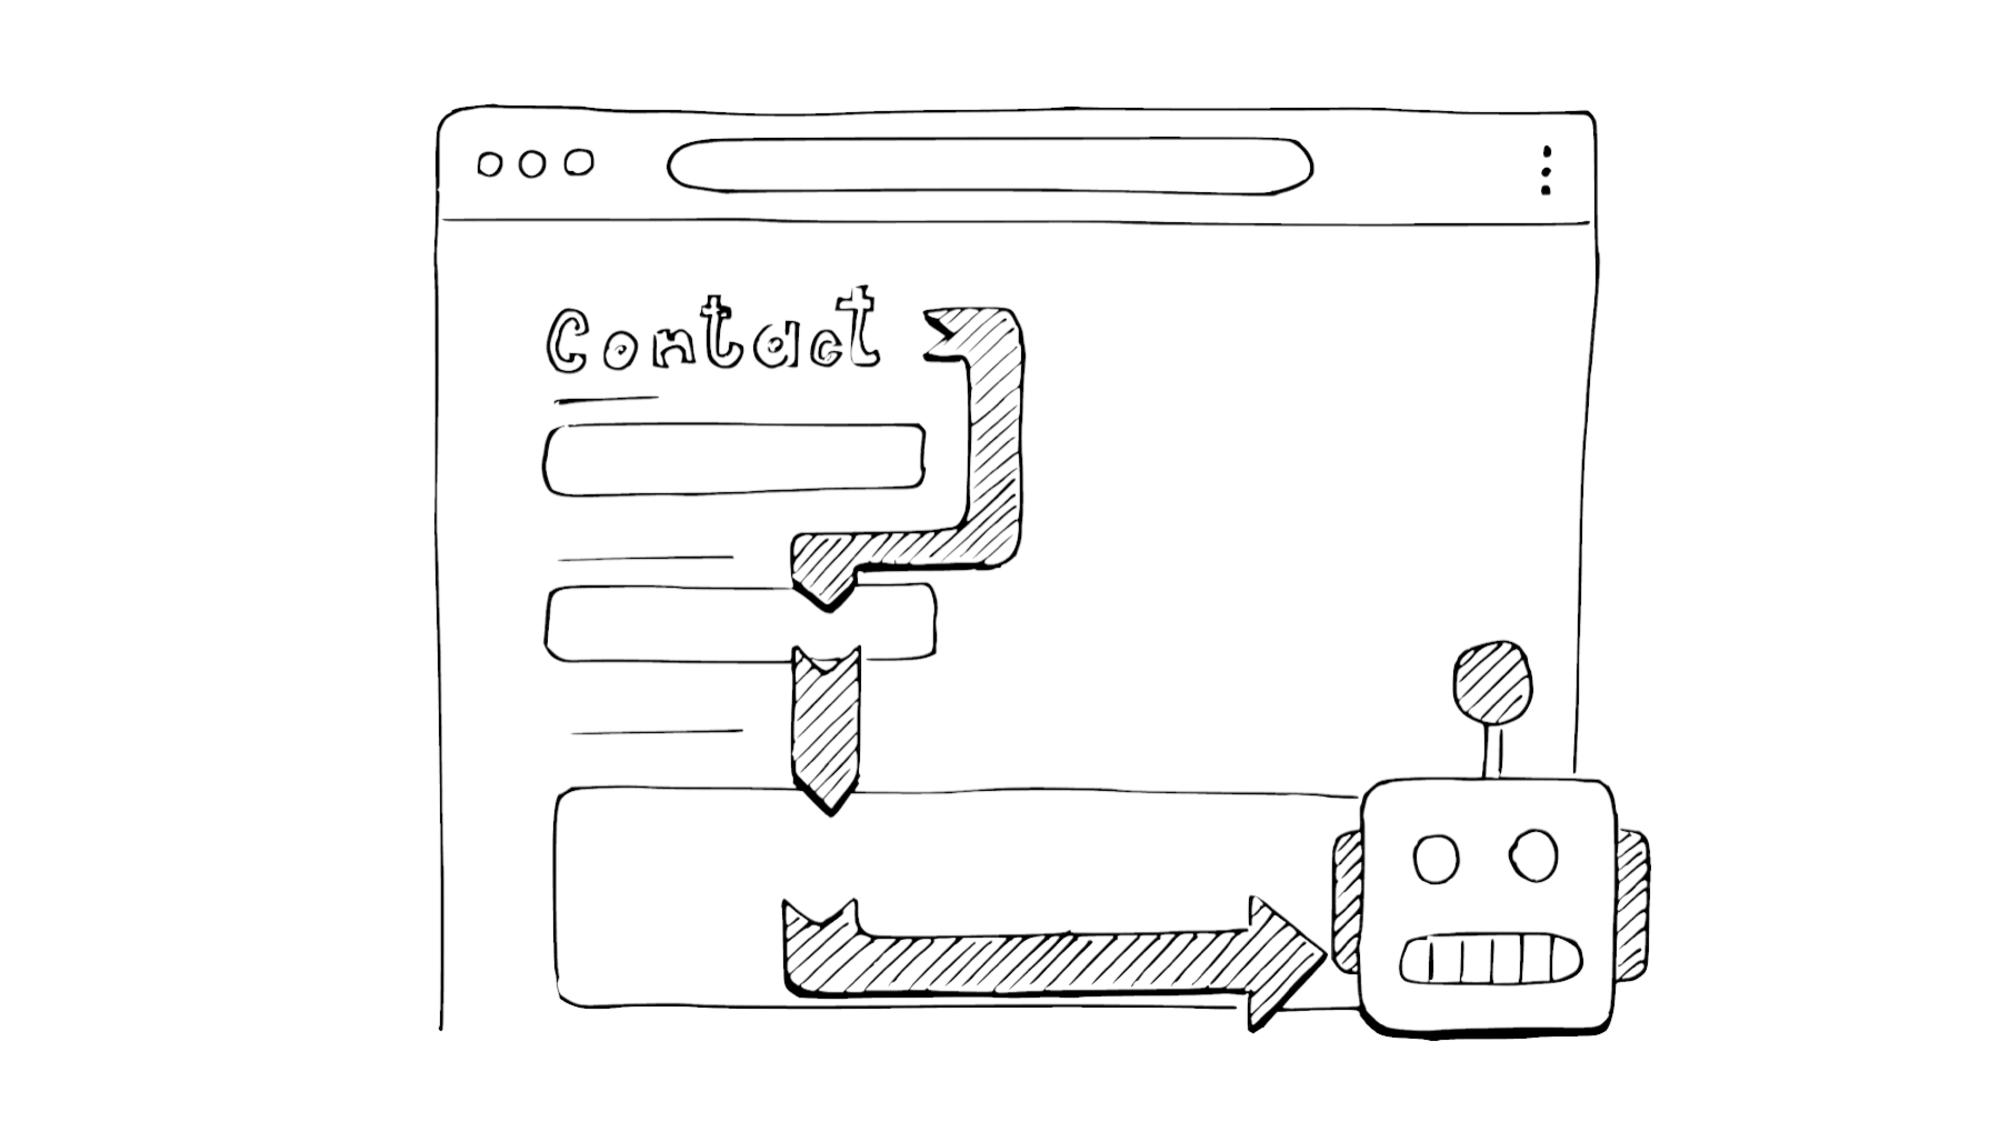 Ilustração em linhas pretas, estilo rascunho, mostrando o fluxo de testes em uma página de contato.